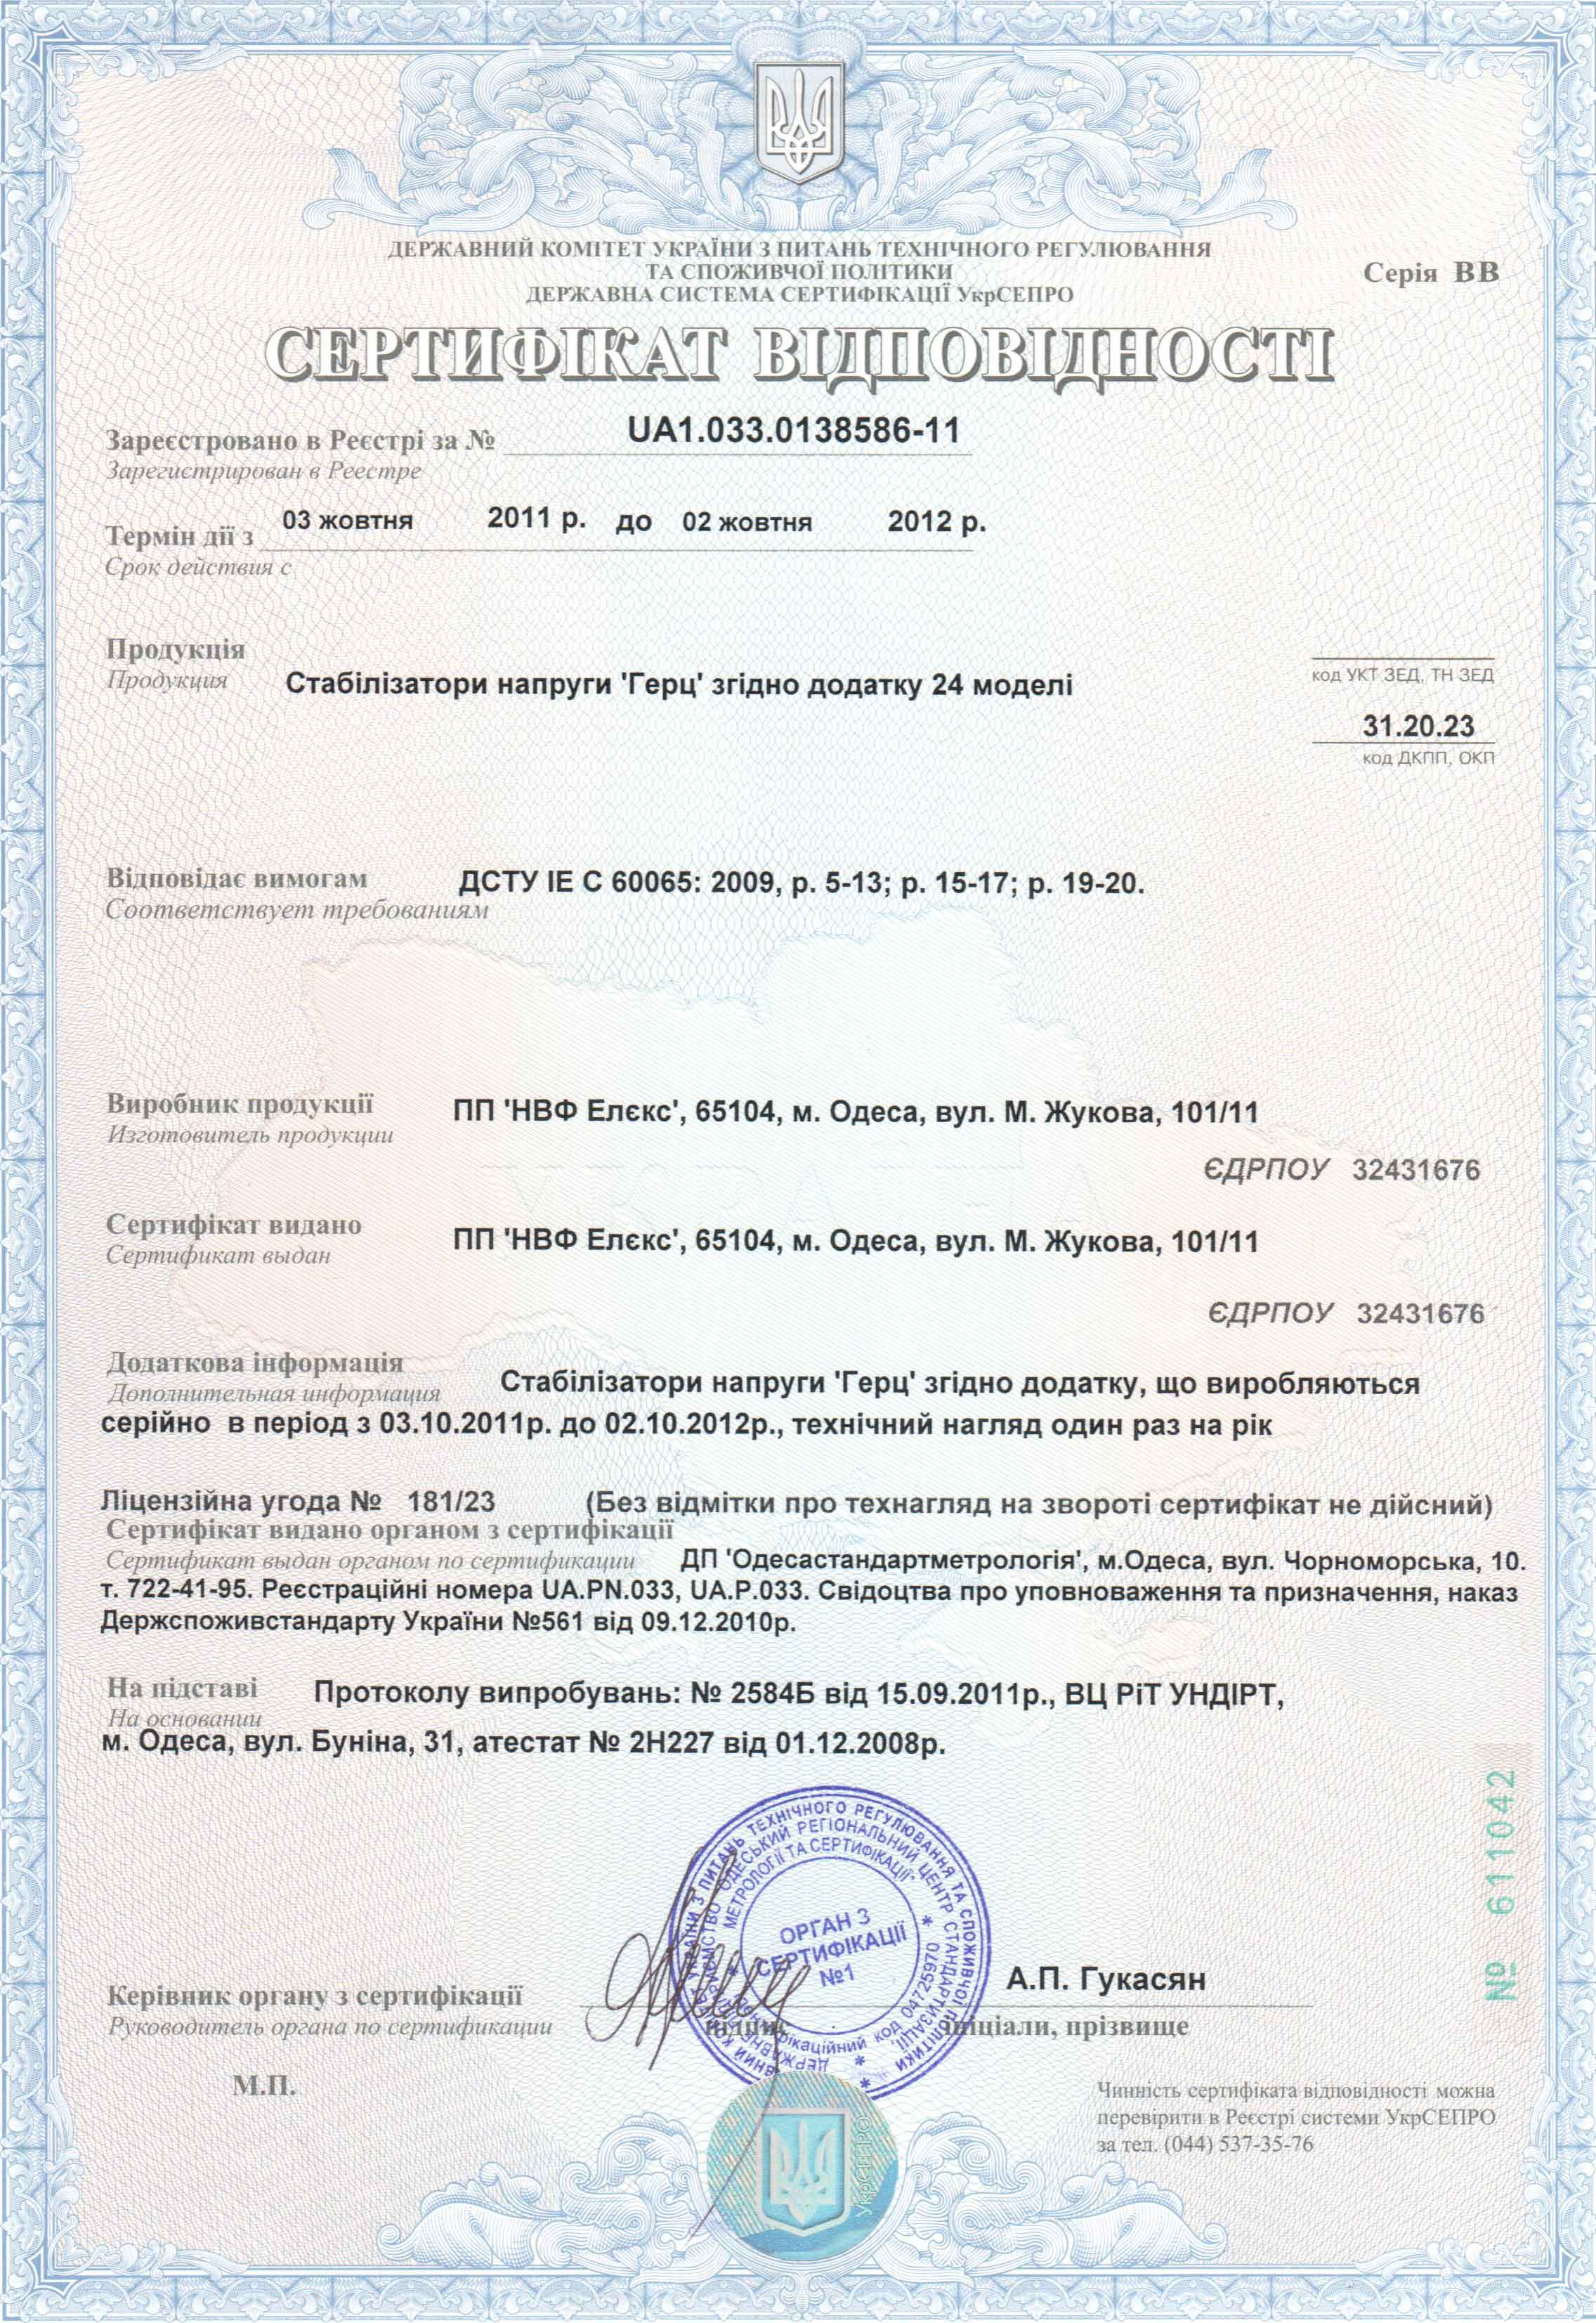 Сертификат соответствия ДСТУ